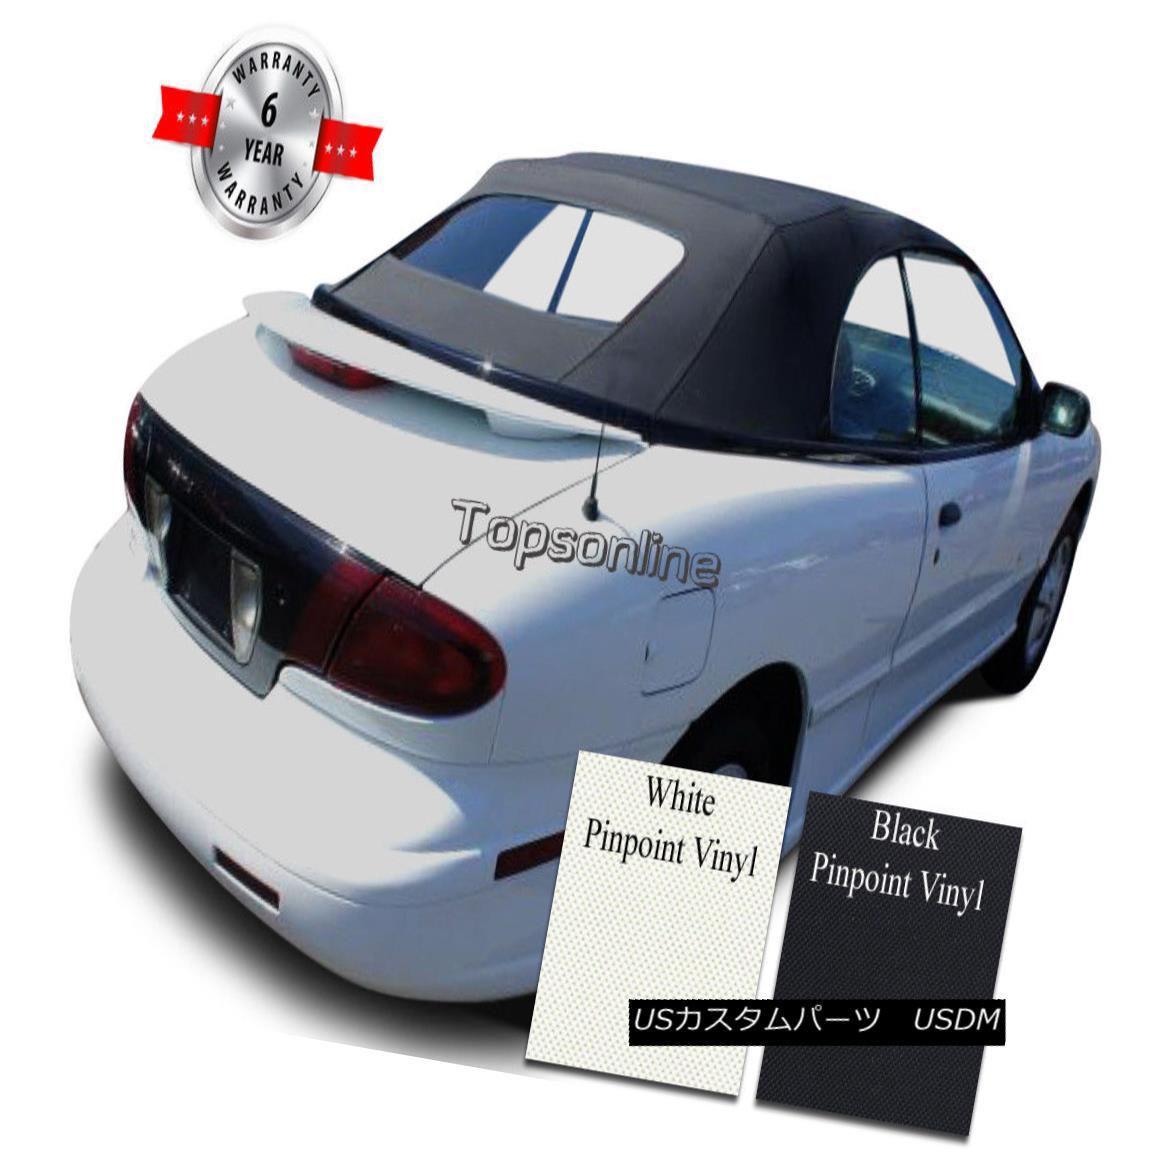 幌・ソフトトップ Cavalier & Sunfire Convertible Soft Top W/Non-Heated Glass & Video Vinyl 95-98 キャバリアー& Sunfire ConvertibleソフトトップW /非加熱ガラス& ビデオビニール95-98